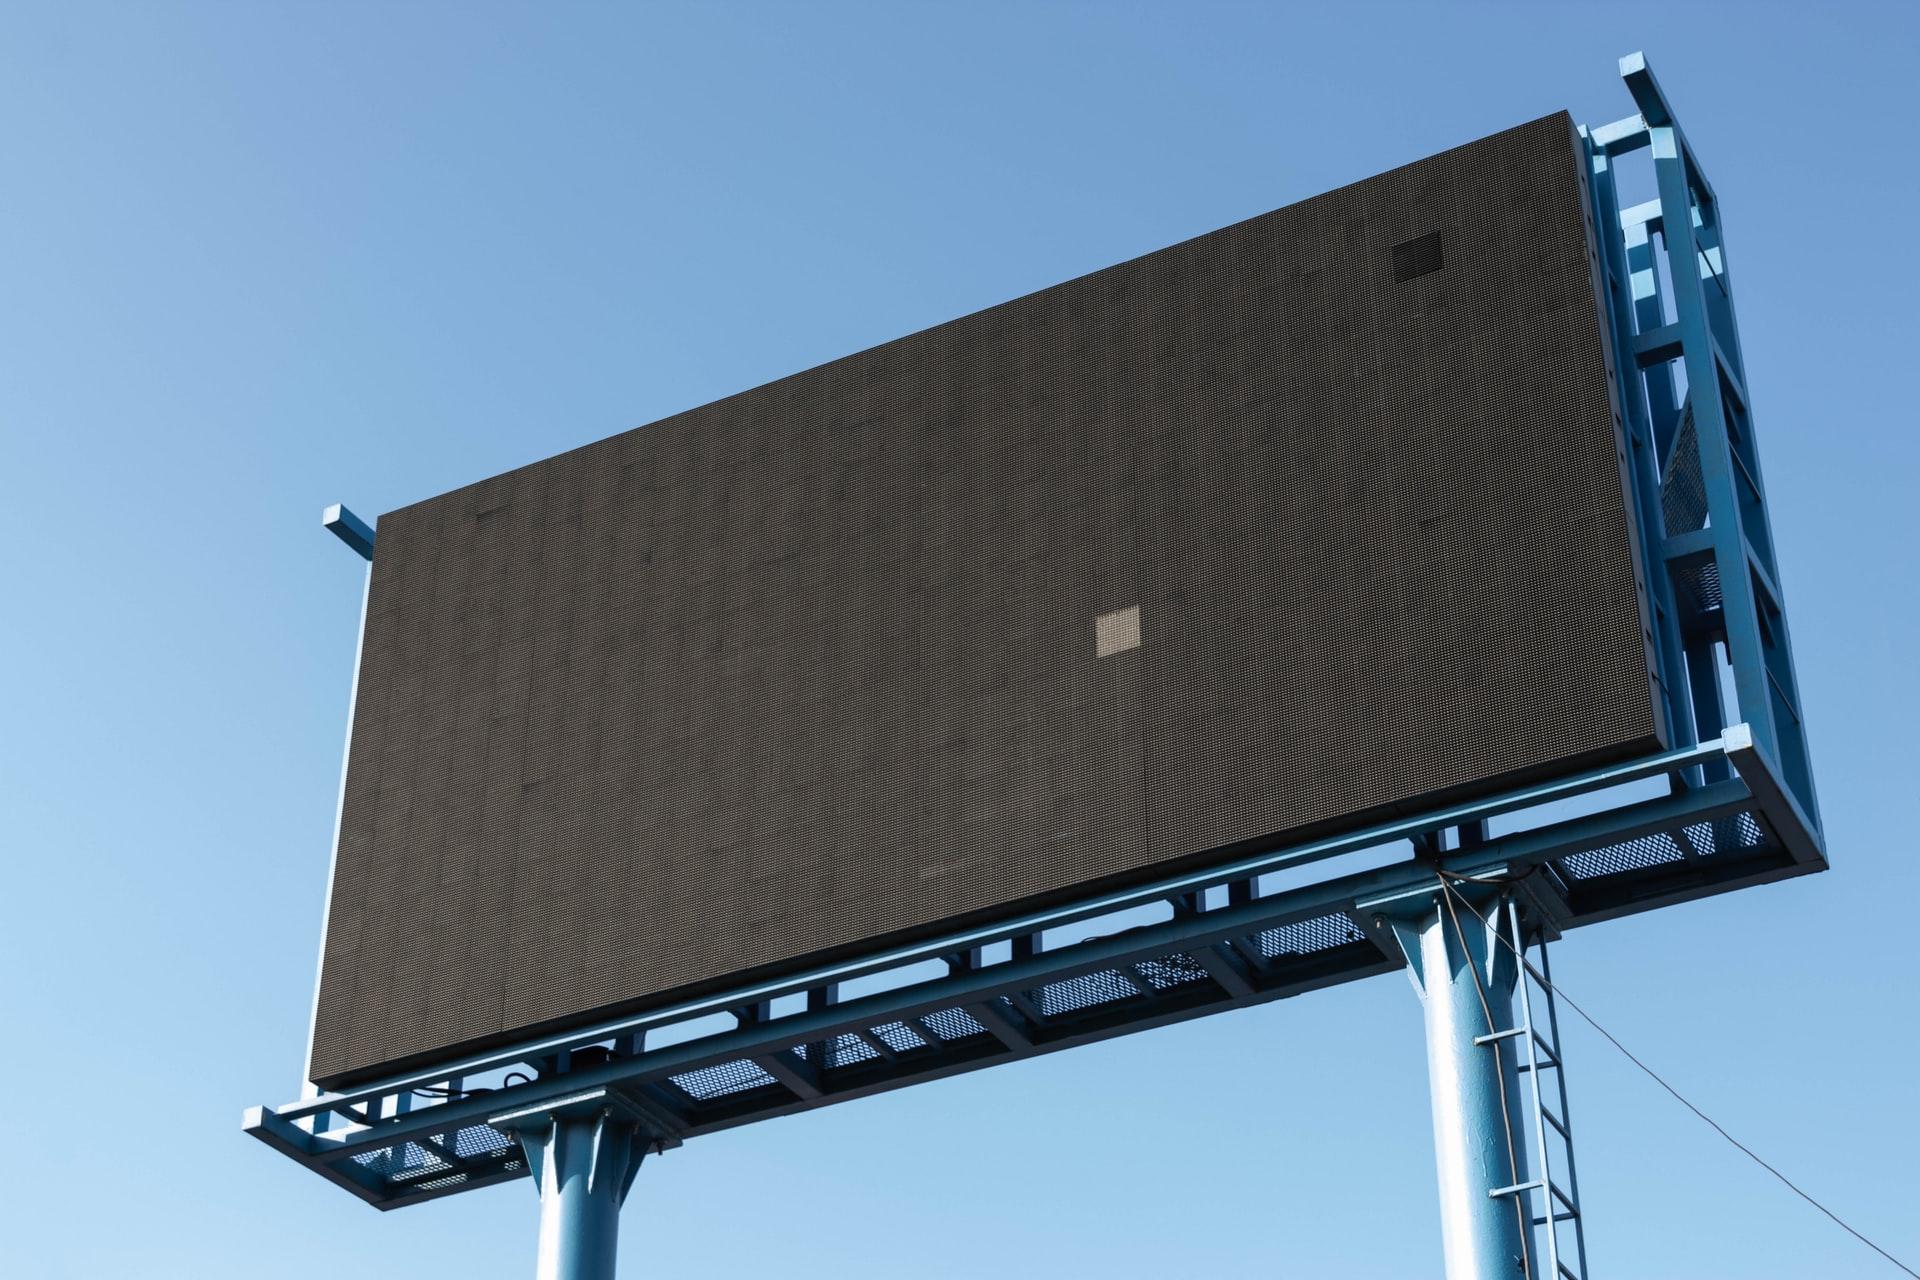 Billboard by Pawel Czerwinski